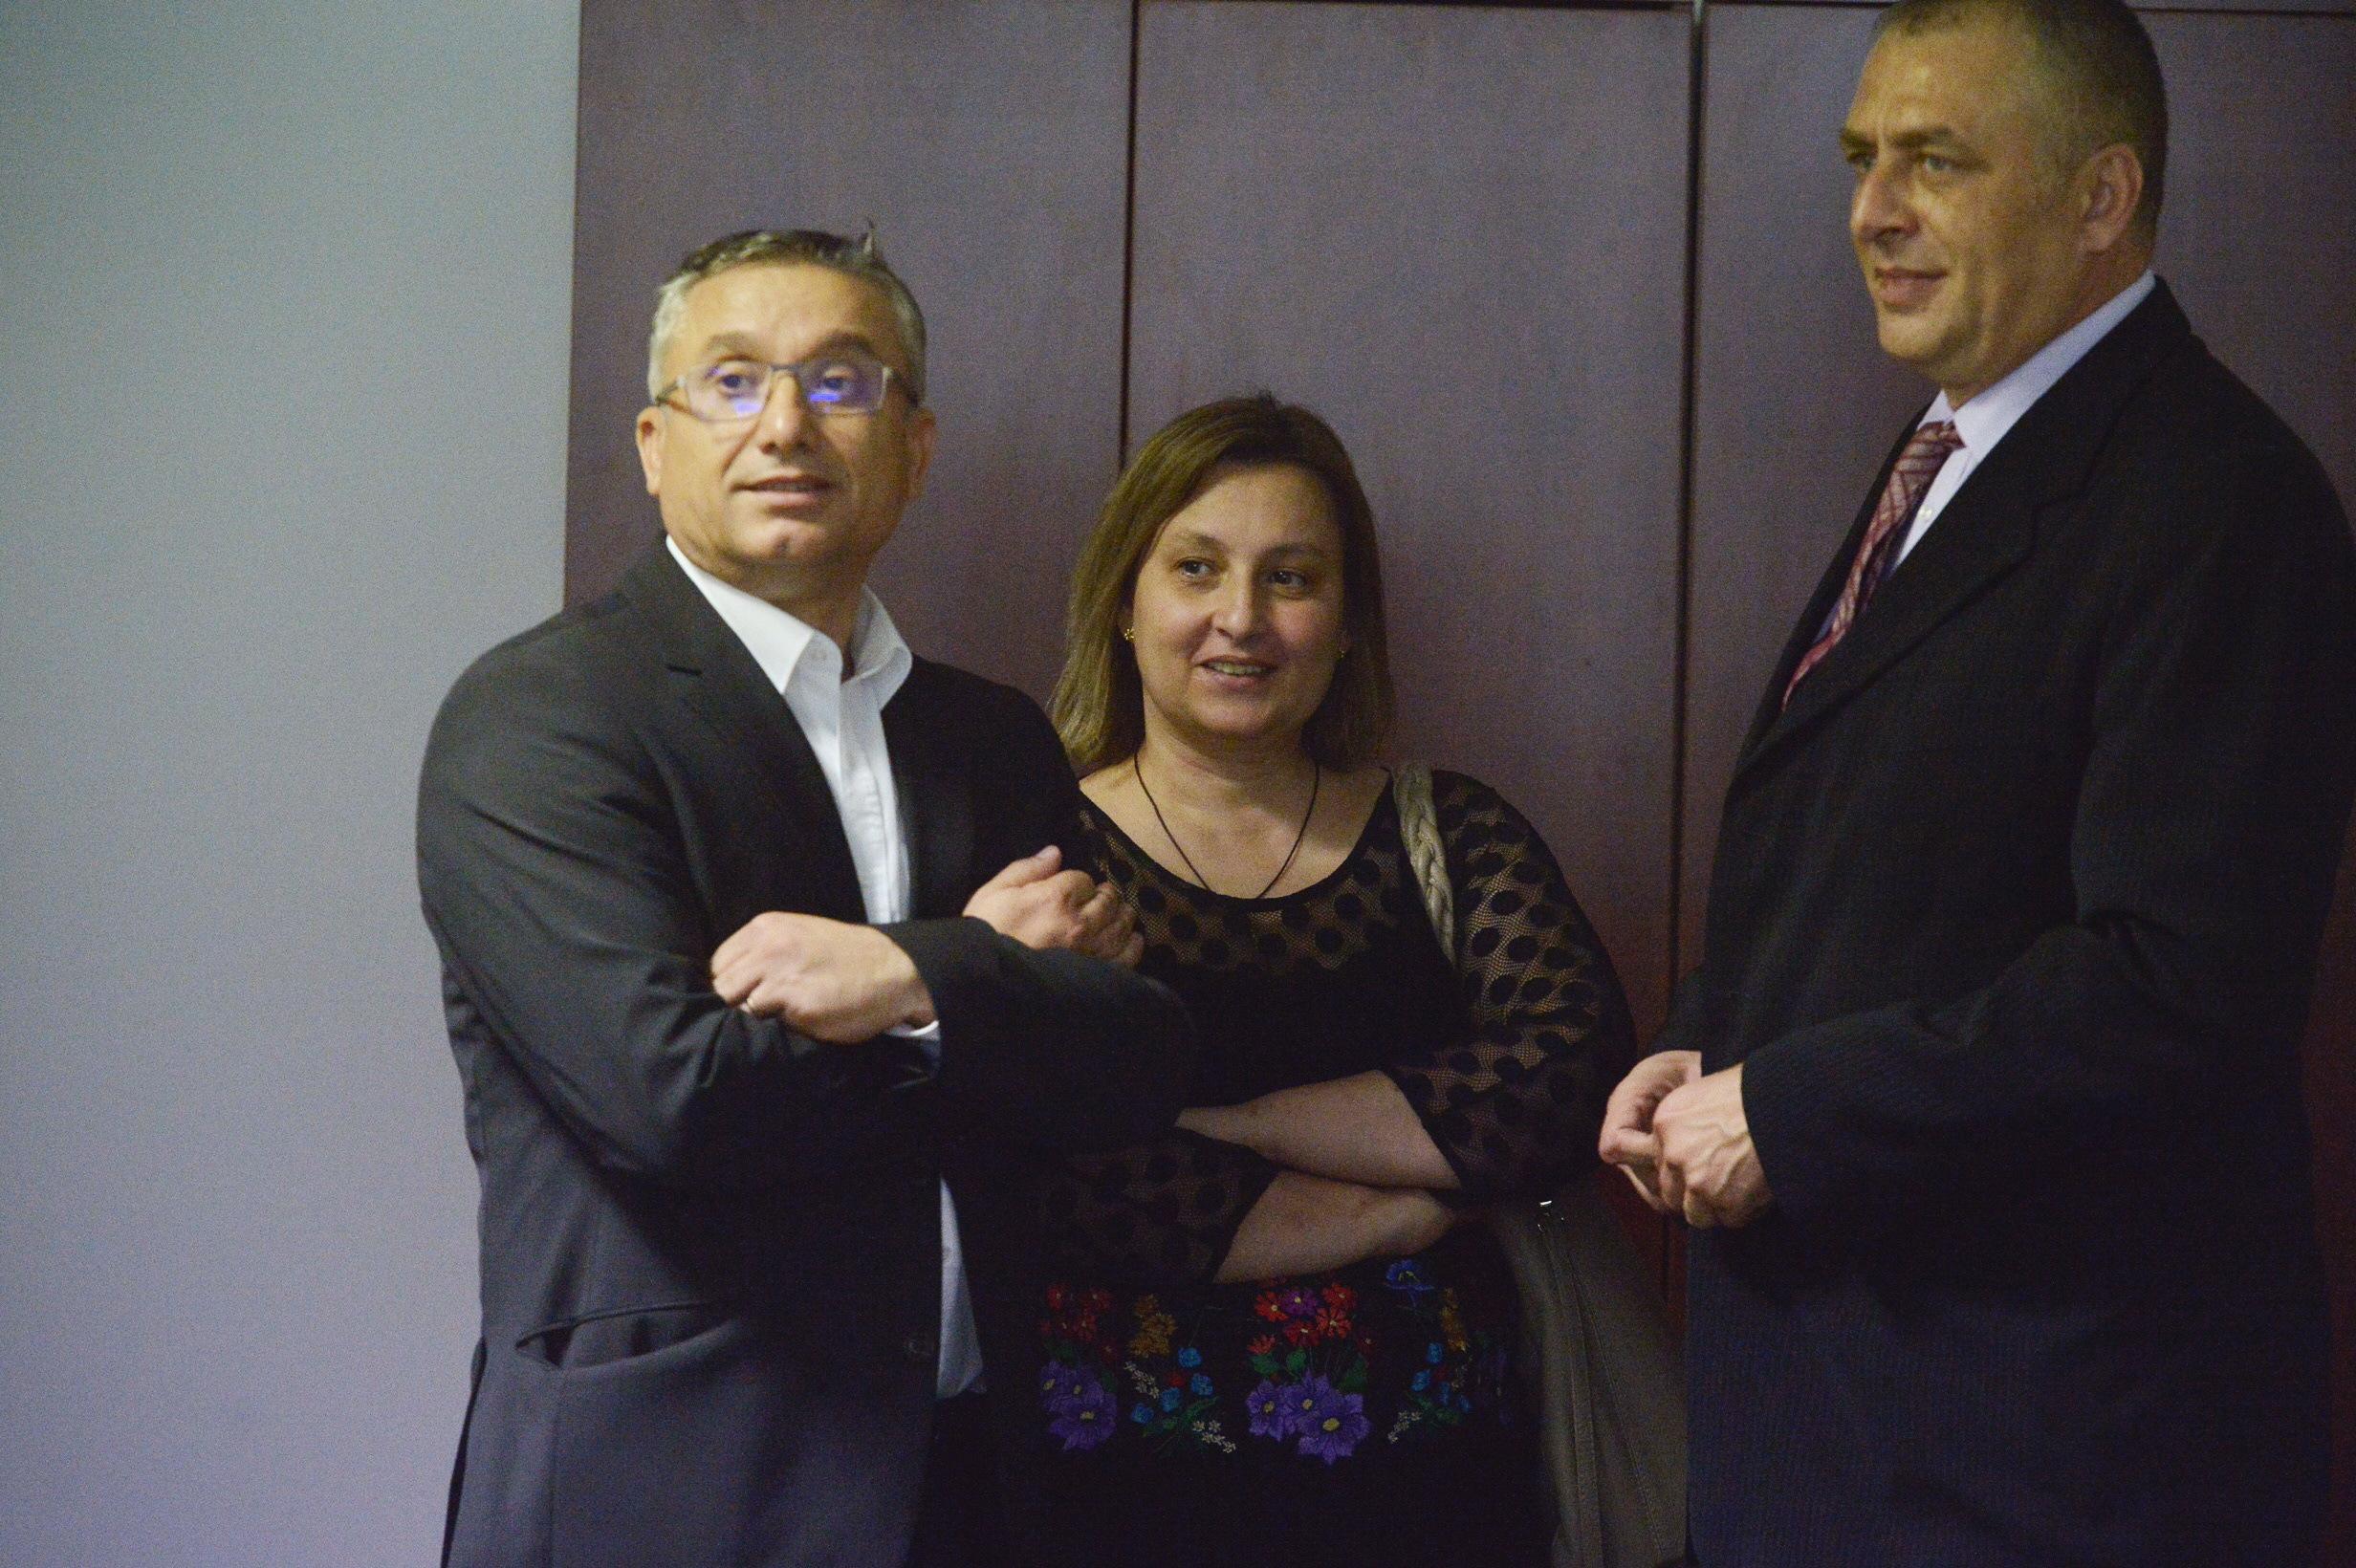 Procurorii Mihaela Iorga, Doru Ţuluş şi Nicolae Marin, audiaţi la cererea lor de Inspecţia Judiciară. Aceştia o reclamă pe şefa DNA că se implică în anchete şi face presiuni